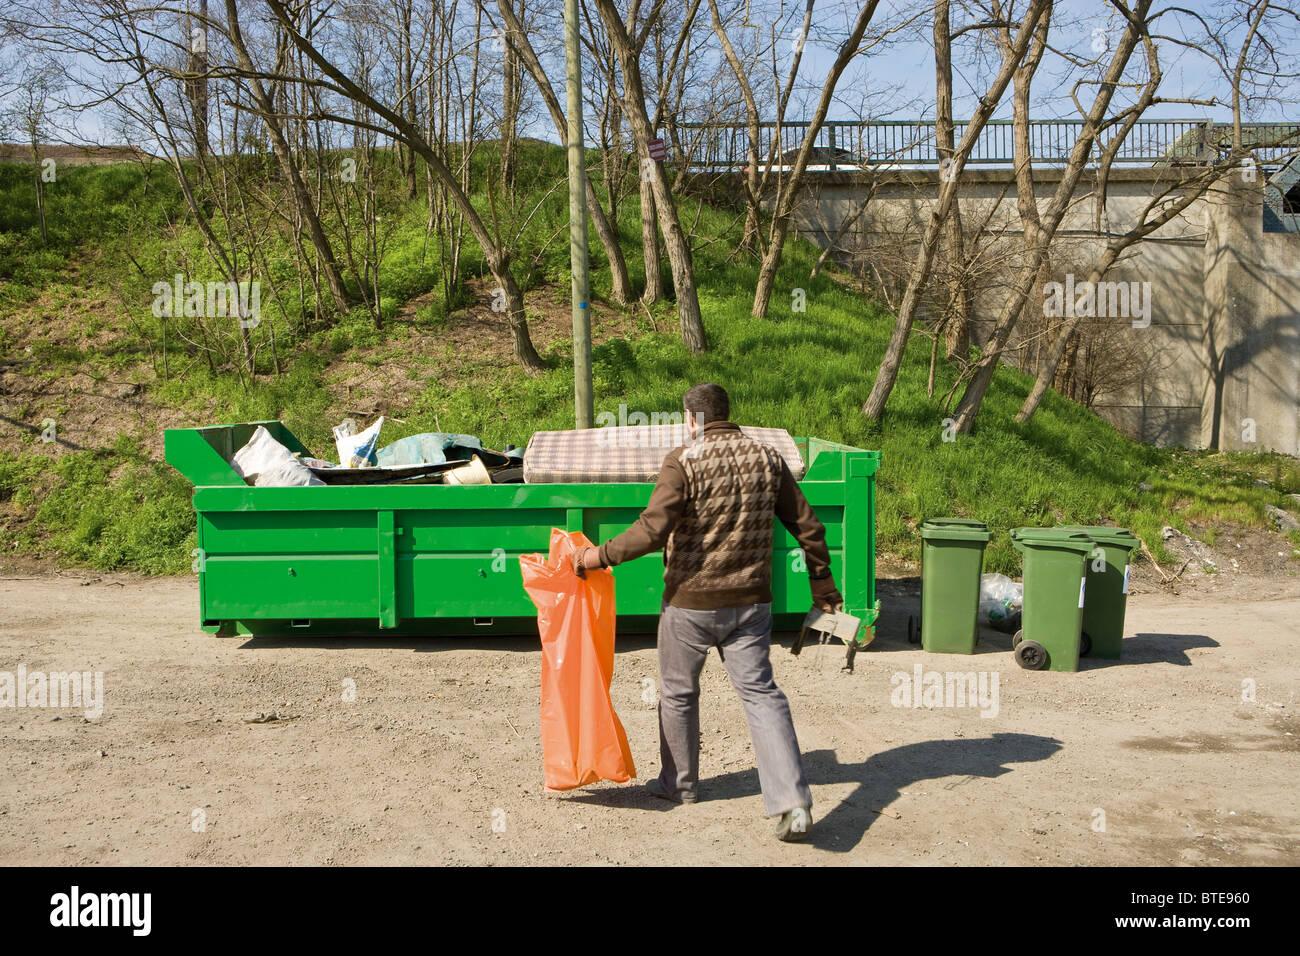 Man taking garbage to dumpster - Stock Image